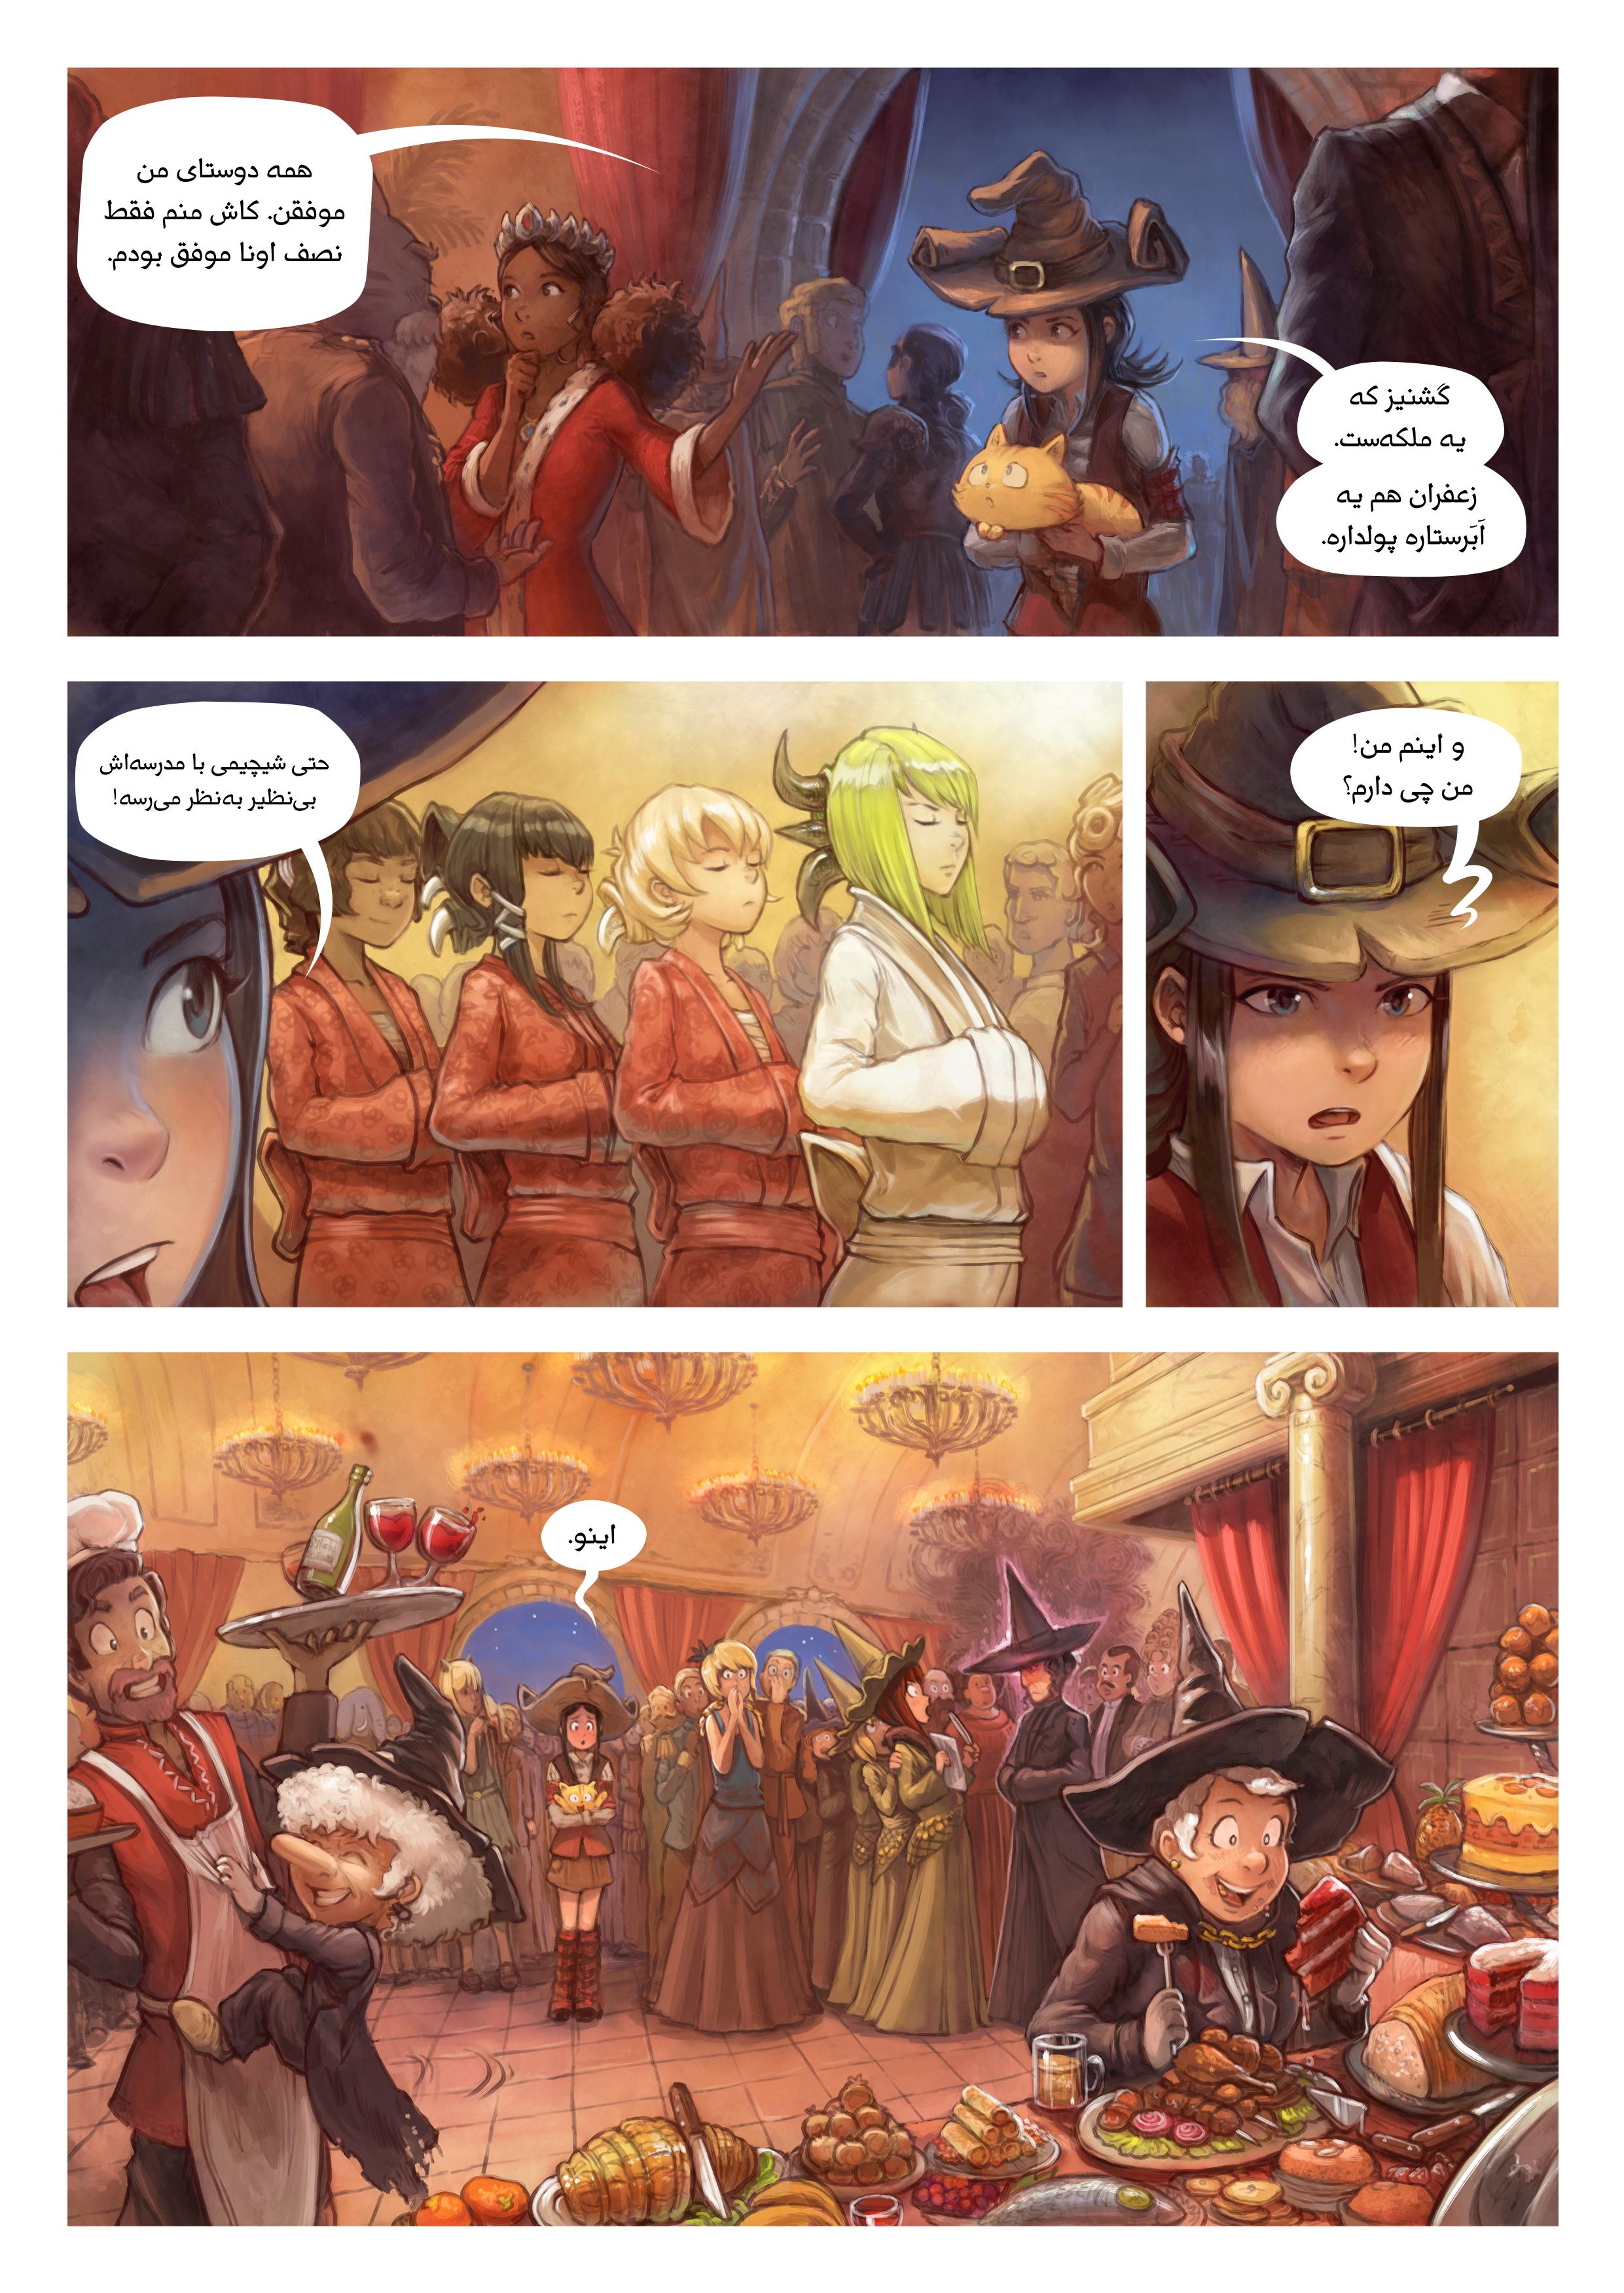 قسمت بیست و هشتم: جشن و سرور, Page 5